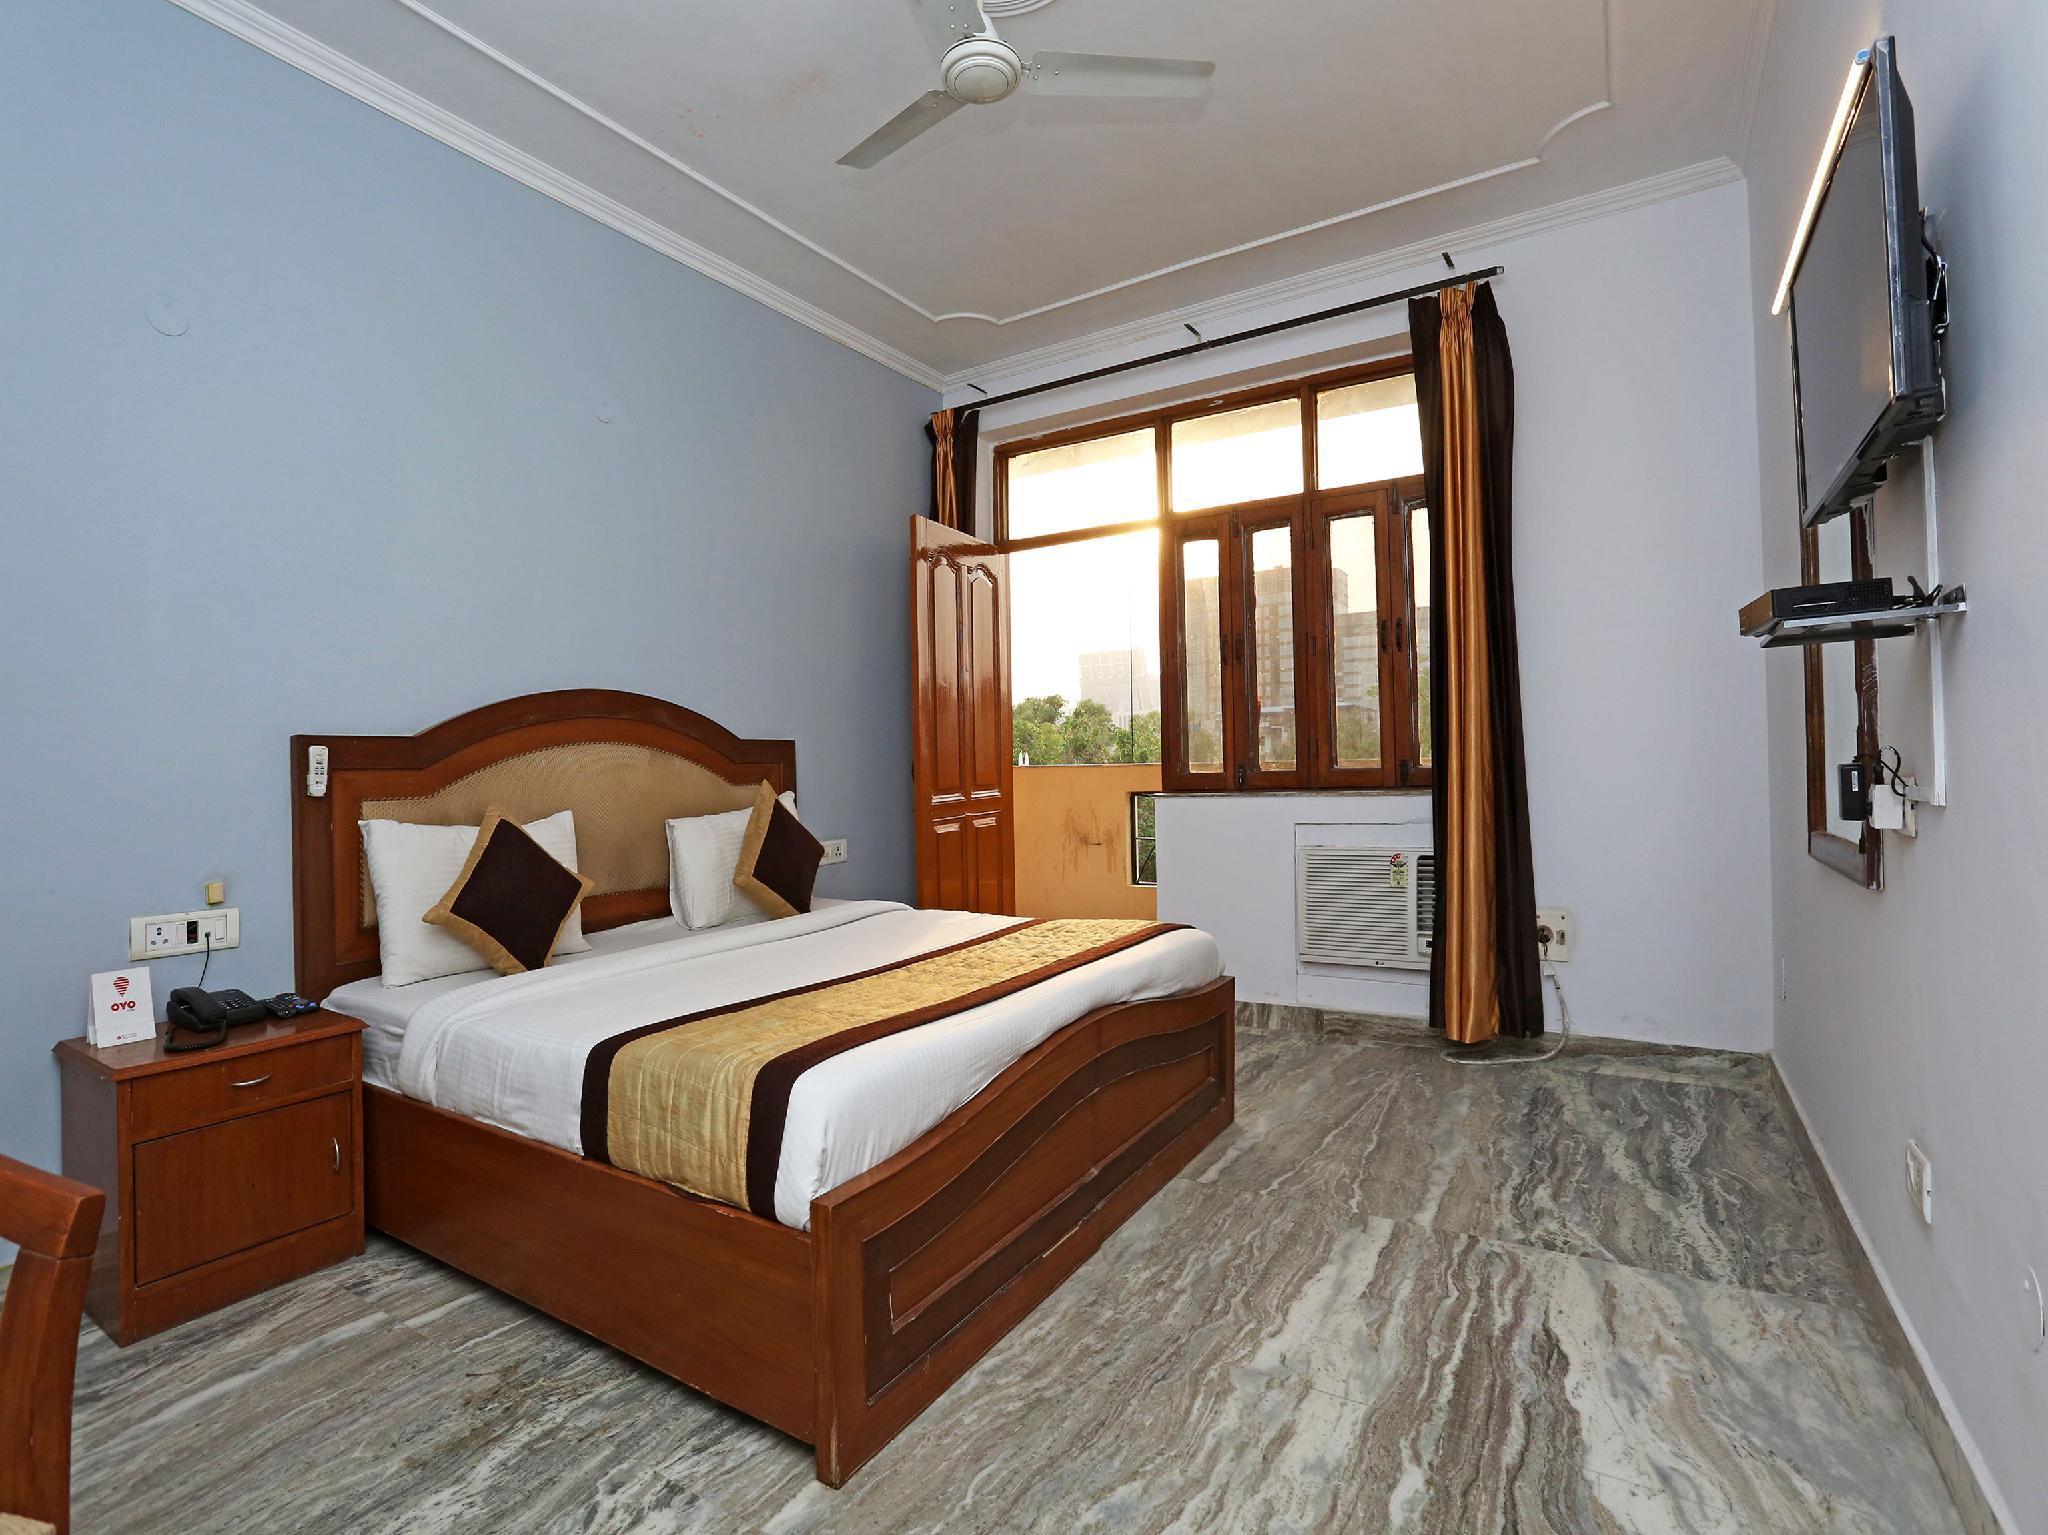 OYO 13843 Narayana Hospitality Service